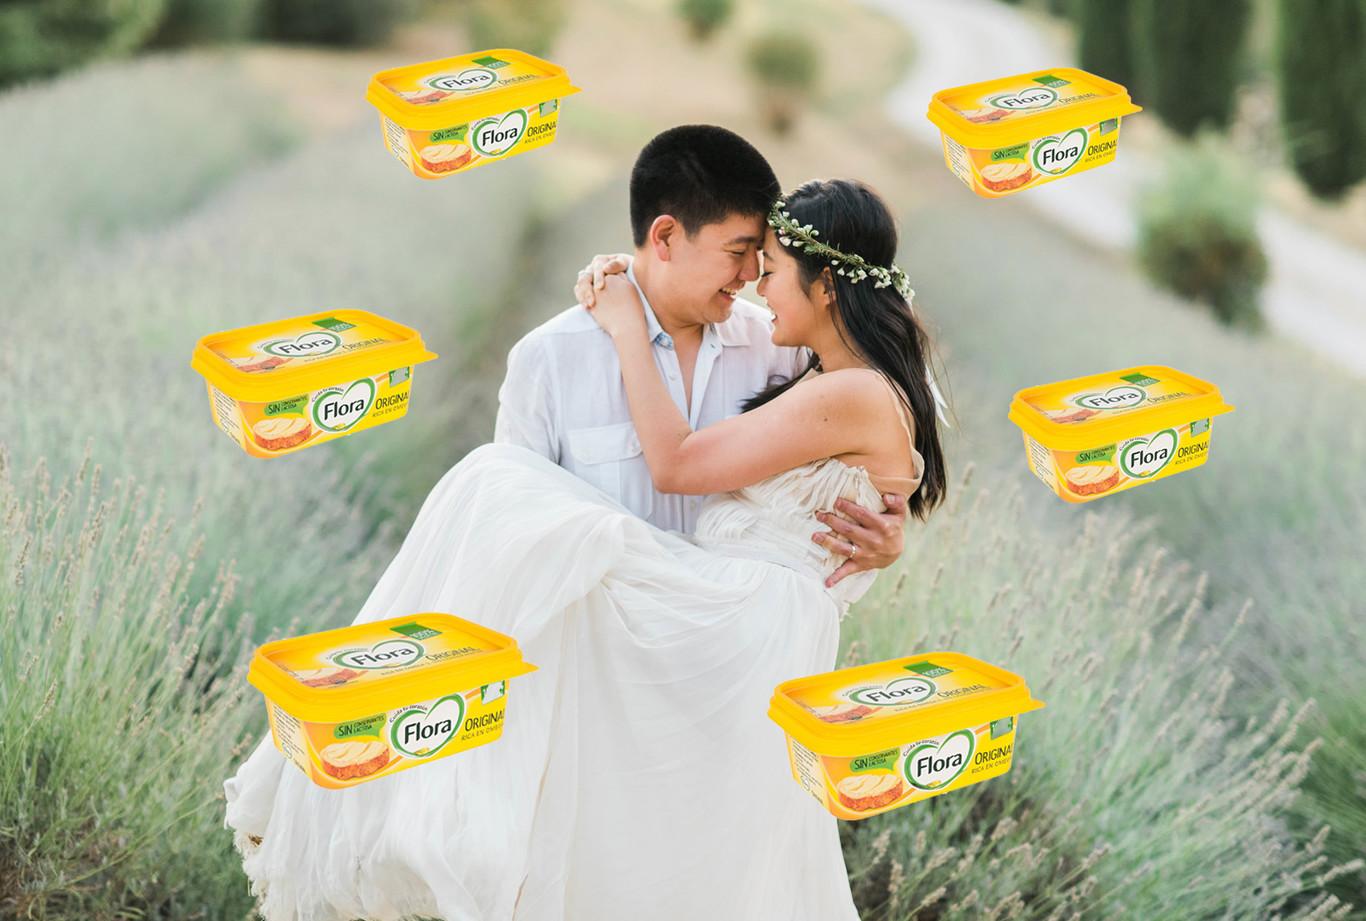 A más margarina, más divorcios: 11 divertidos ejemplos de que correlación no implica causalidad